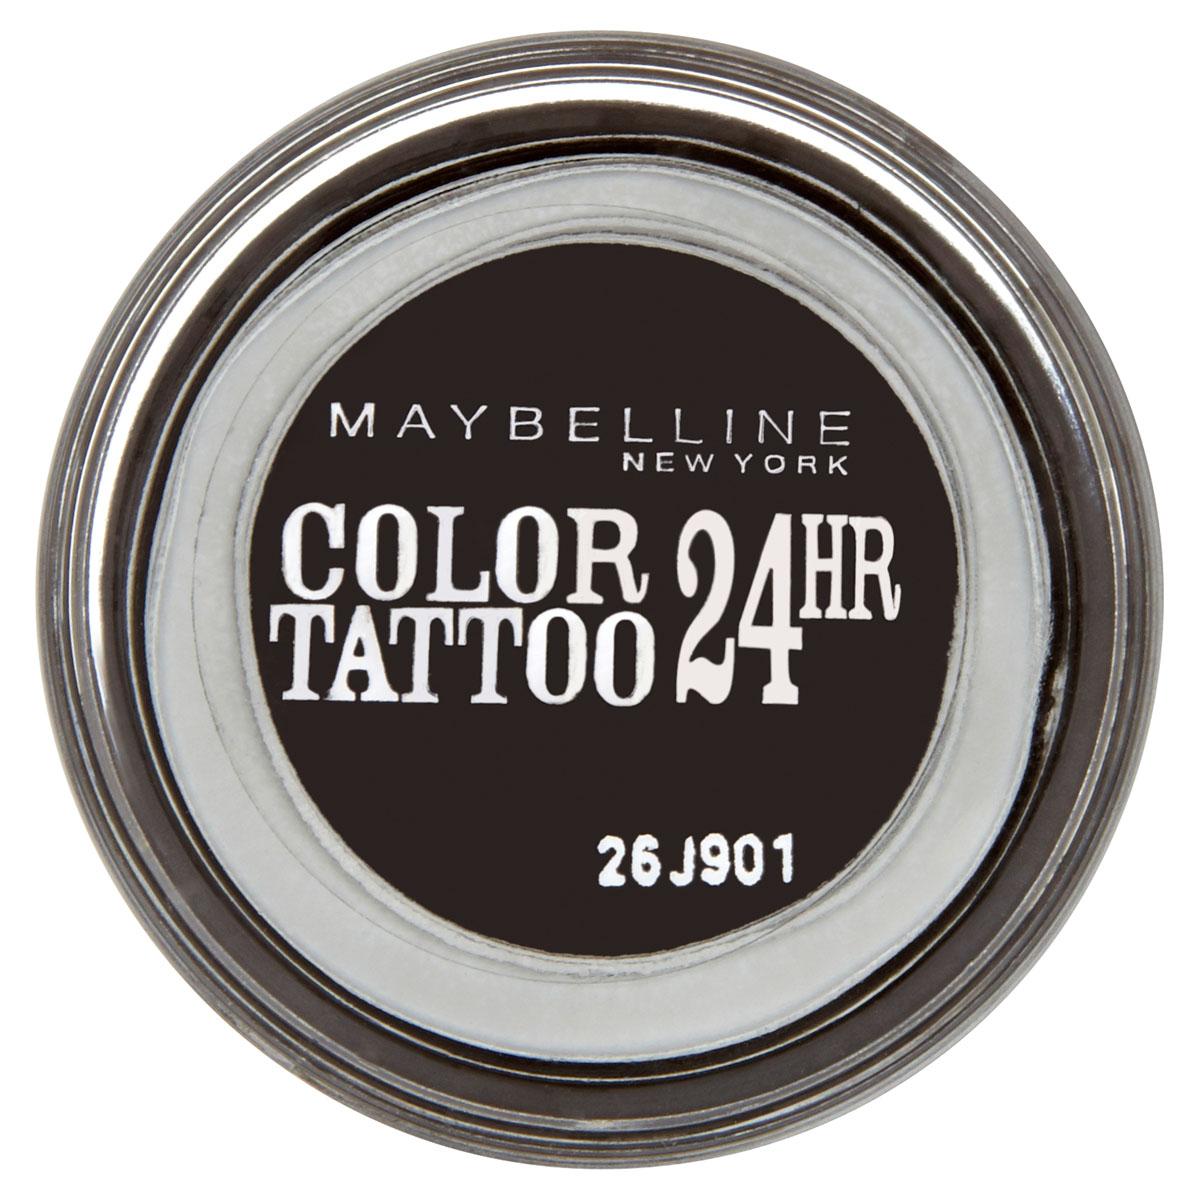 Maybelline New York Тени для век Color Tattoo 24 часа, оттенок 60, Бессменный черный, 4 млB1950100Технология тату-пигментов создает яркий, супернасыщенный цвет. Крем-гелевая текстура обеспечивает ультралегкое нанесение и стойкость на 24 часа.12 оттенков